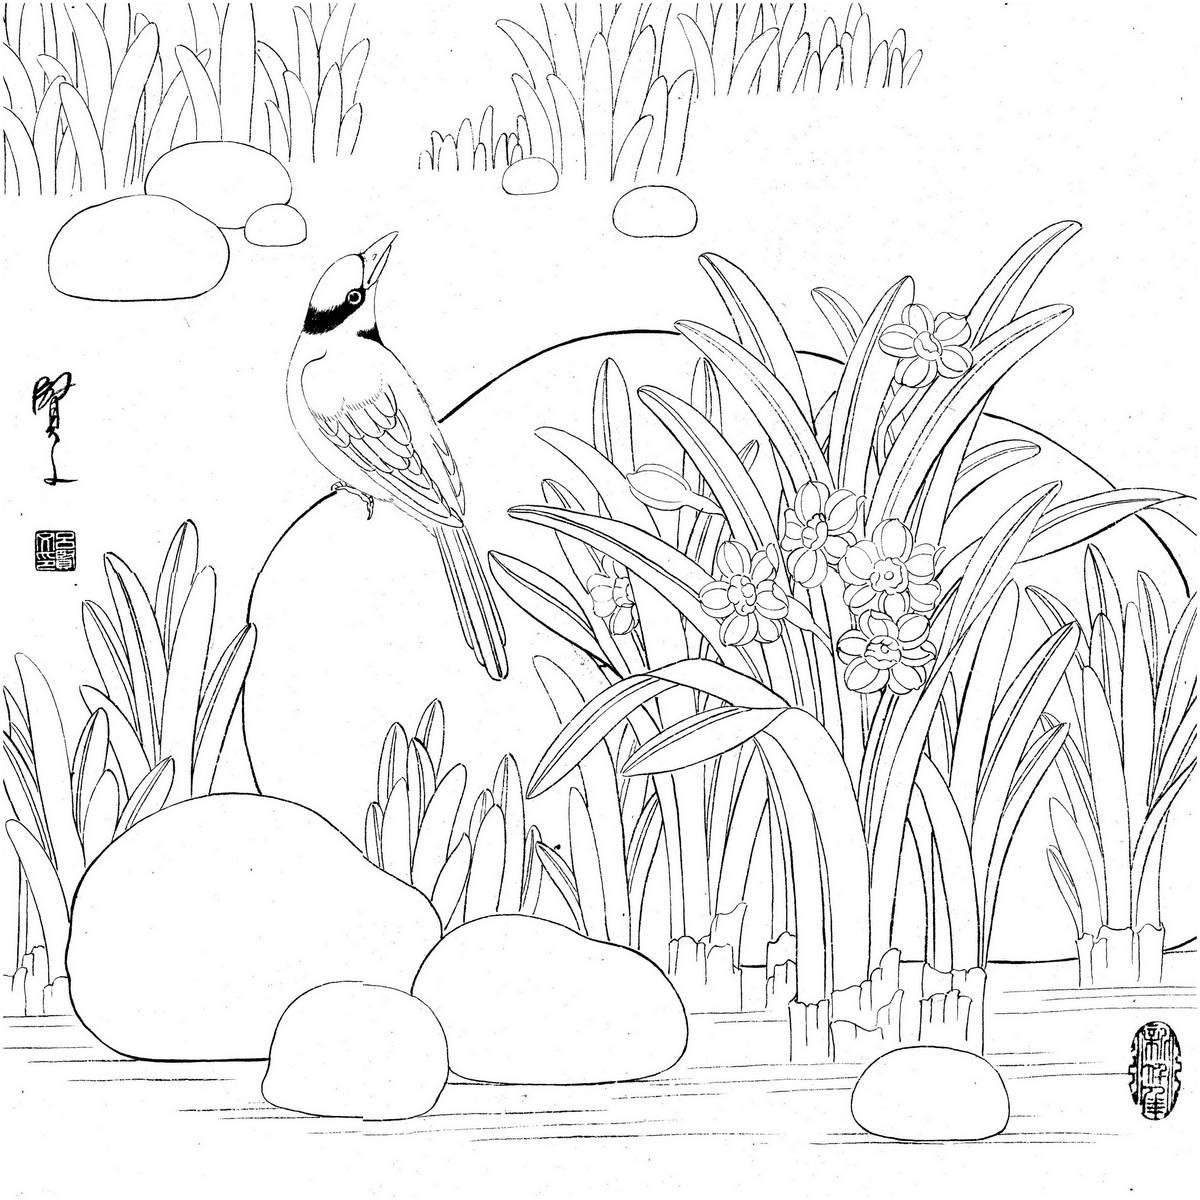 0019_工笔画花鸟白描线稿素材高清图19_0x0PX_JPG_600DPI_3